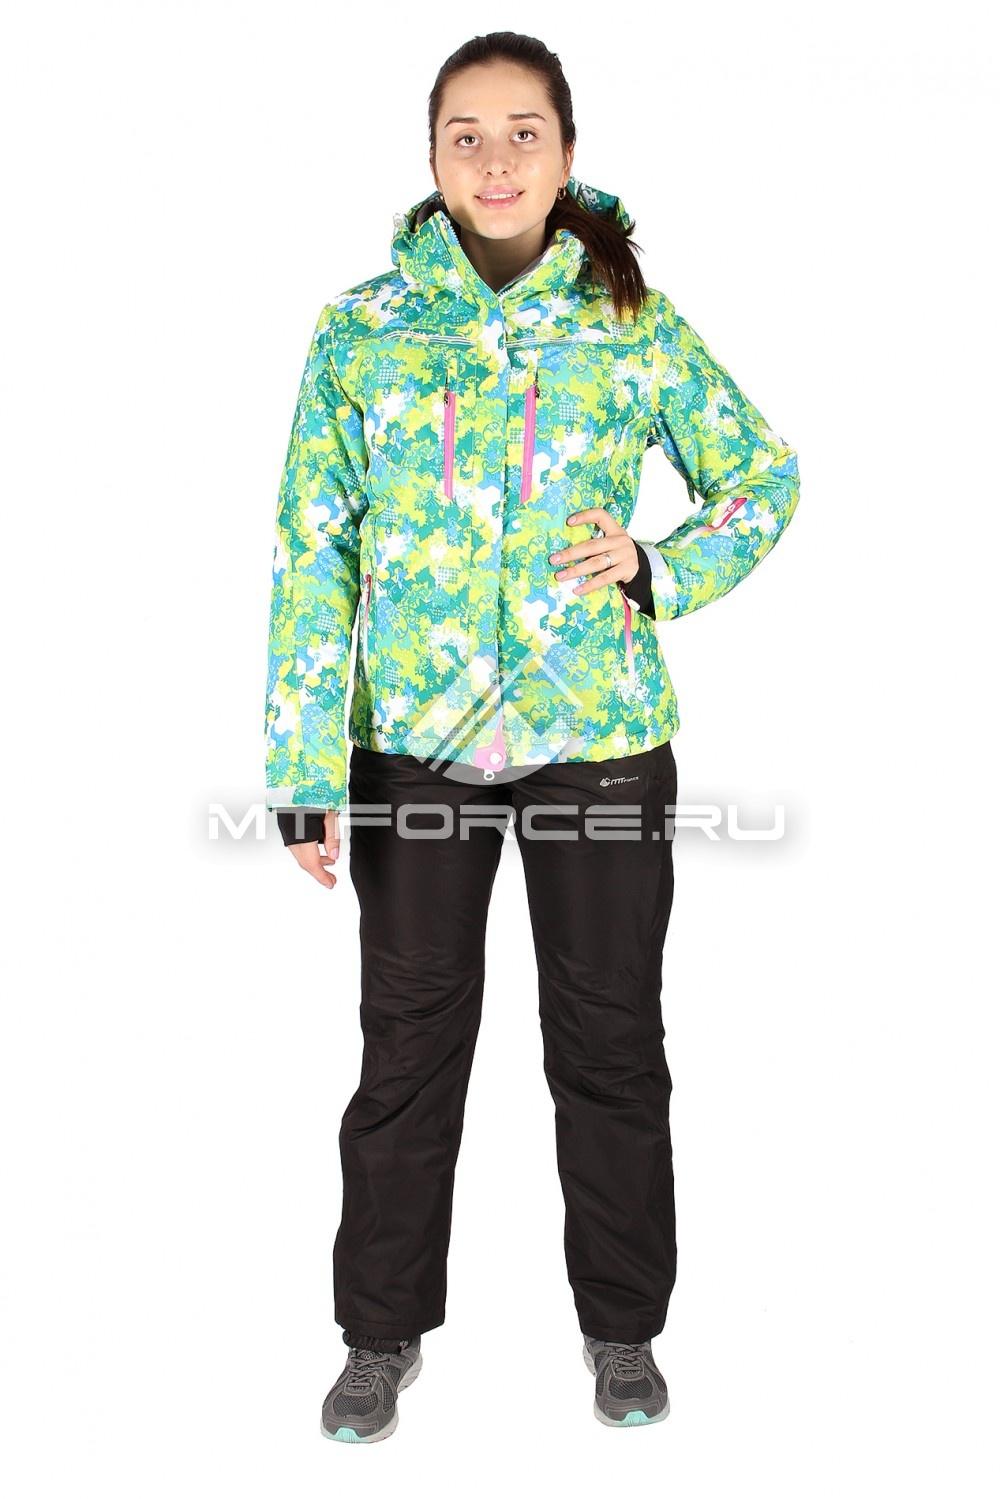 Купить оптом Костюм горнолыжный женский зеленого цвета 01526-1Z